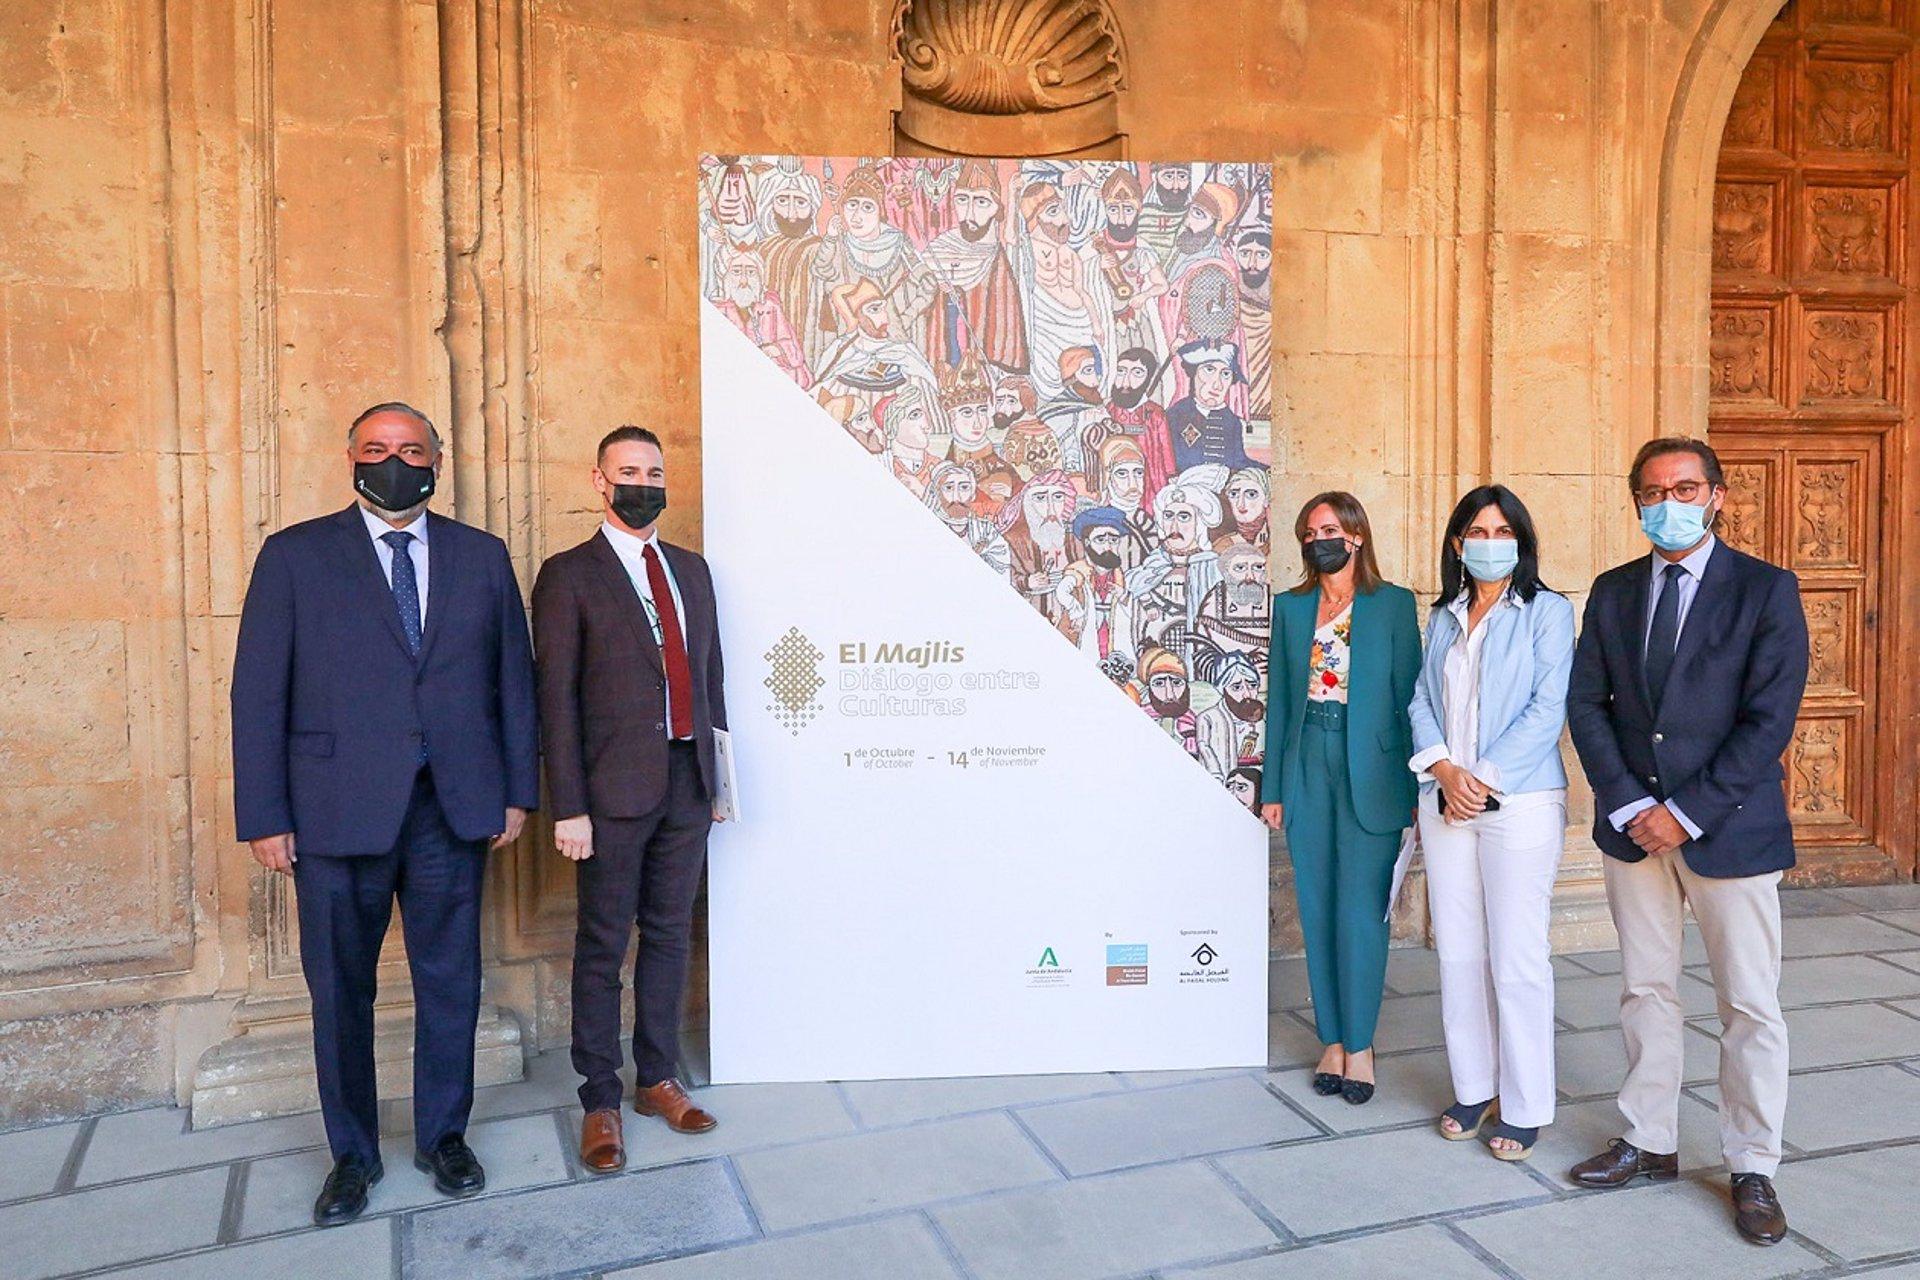 La Alhambra inaugura exposición en su primer día con el cien por cien del aforo abierto